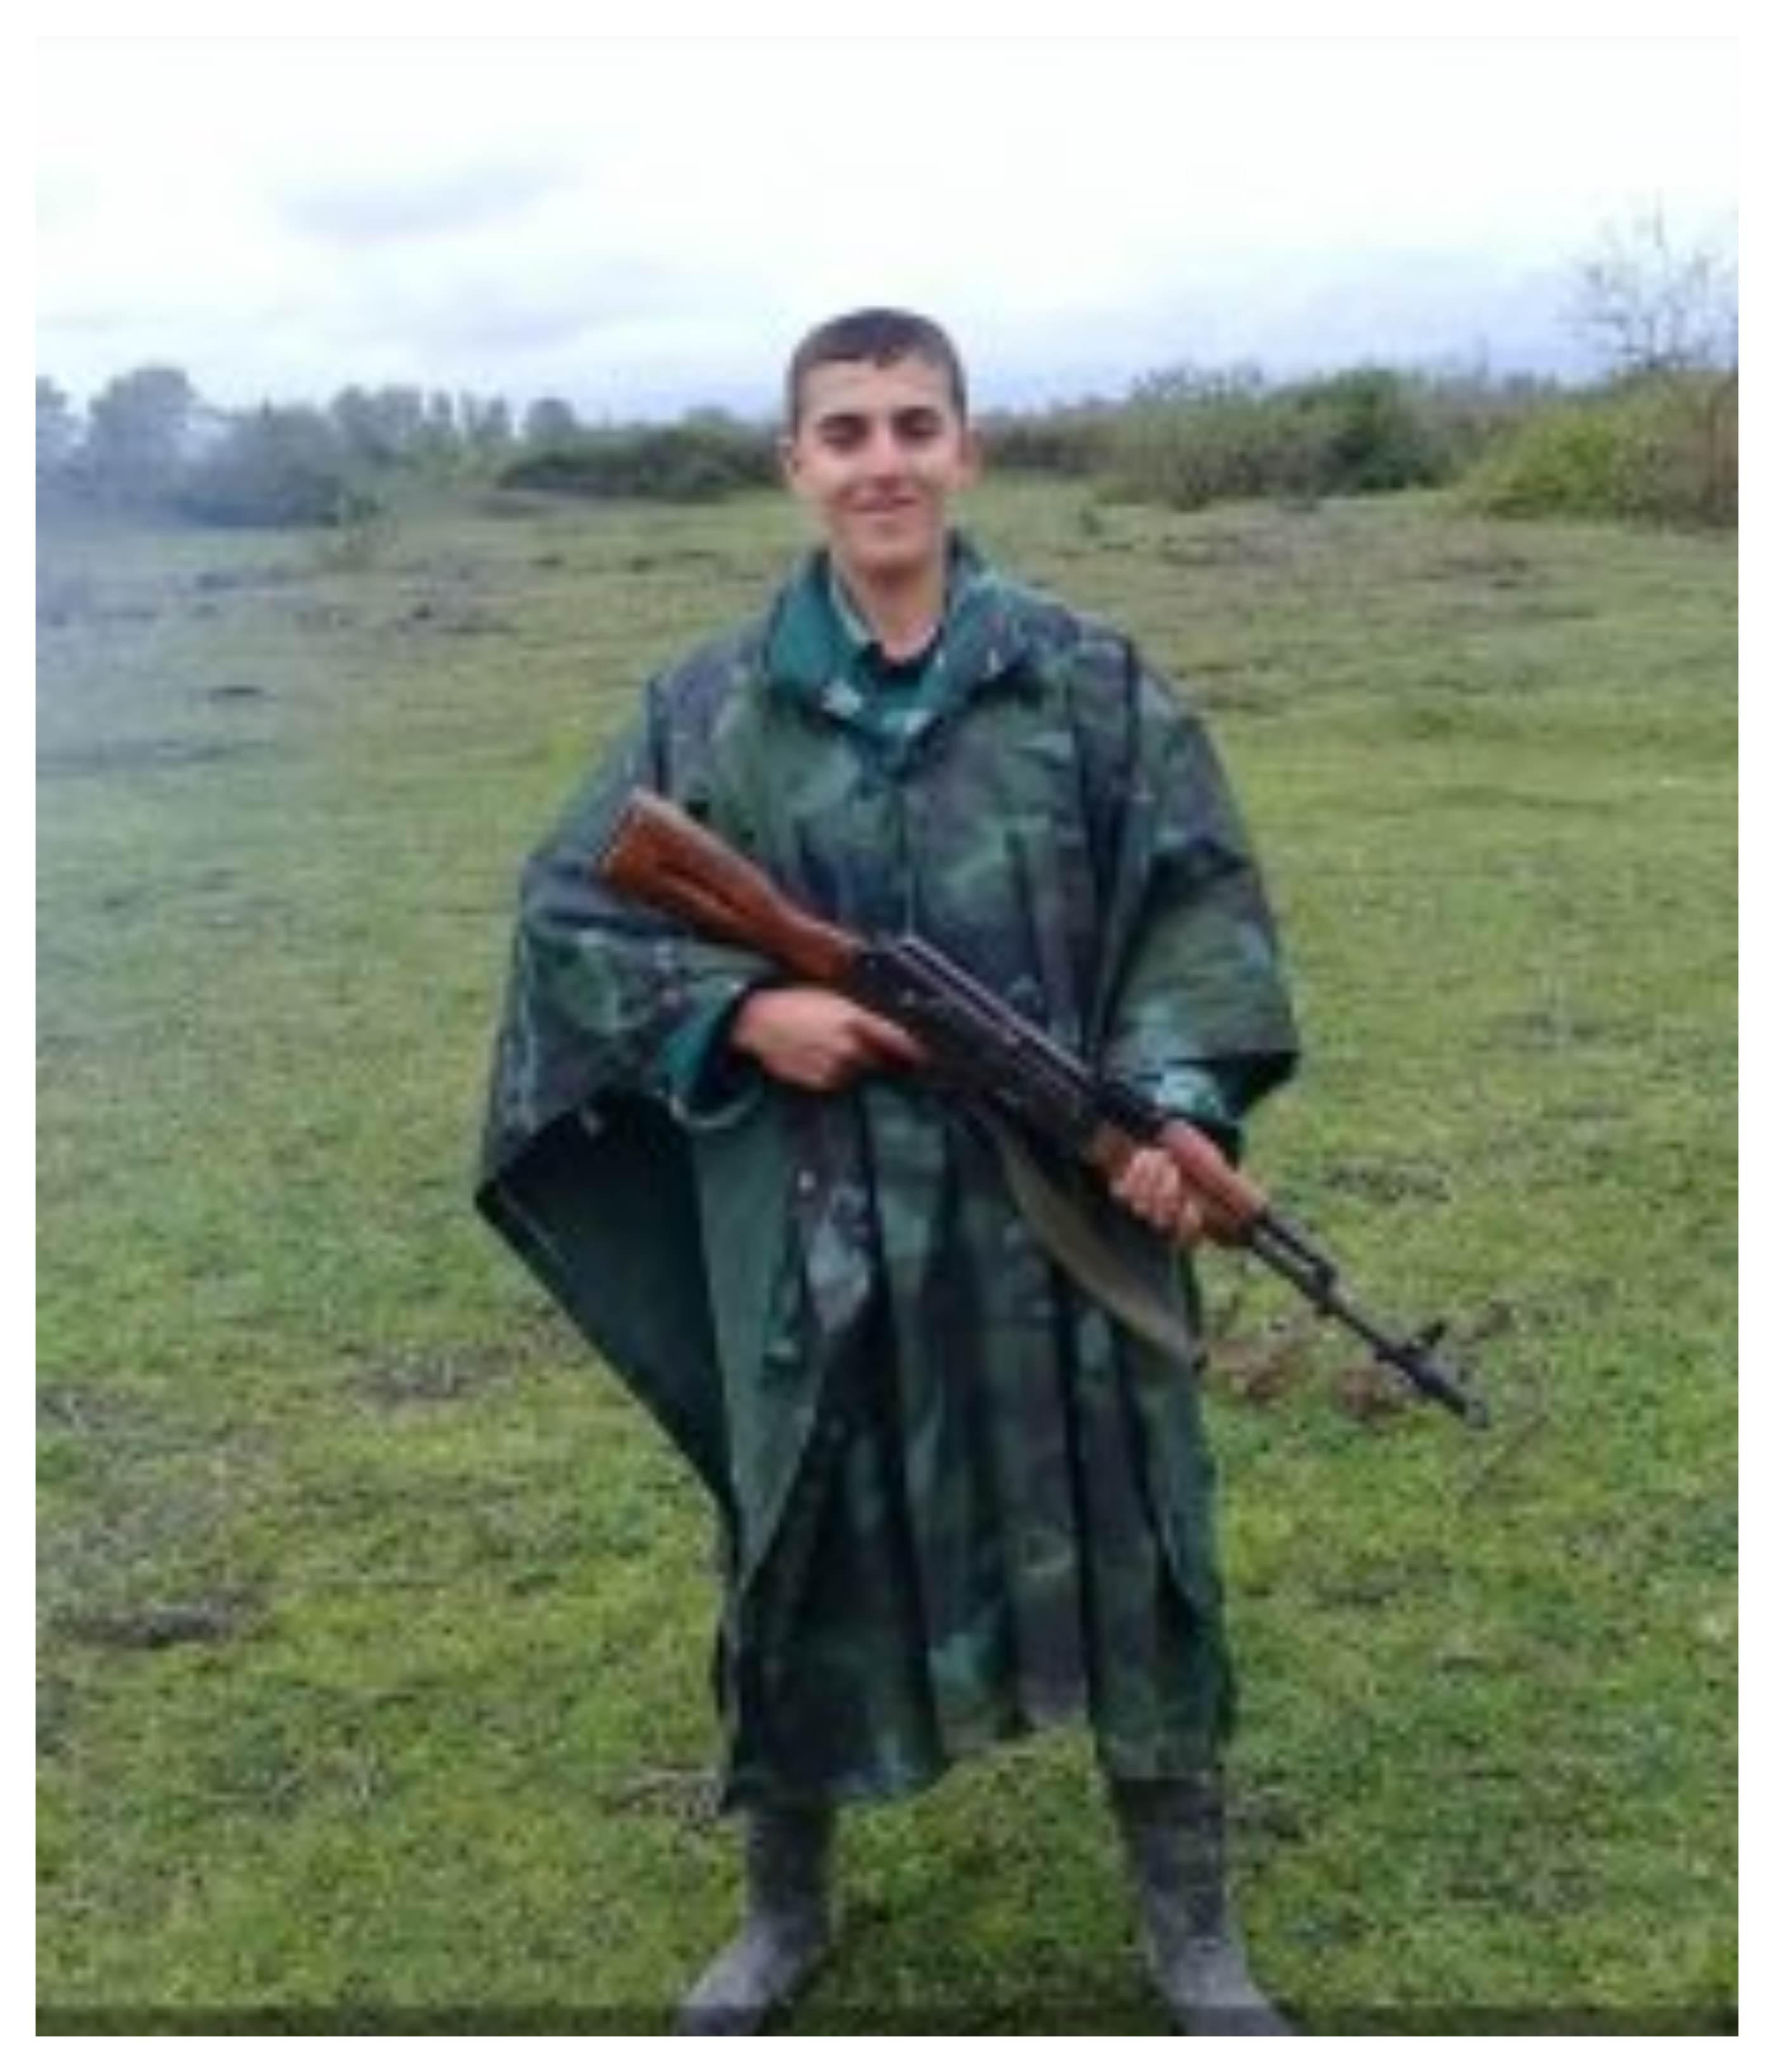 Lənkəranda Azərbaycan Ordusunun şəhid əsgəri Vüsal Hüseyinov